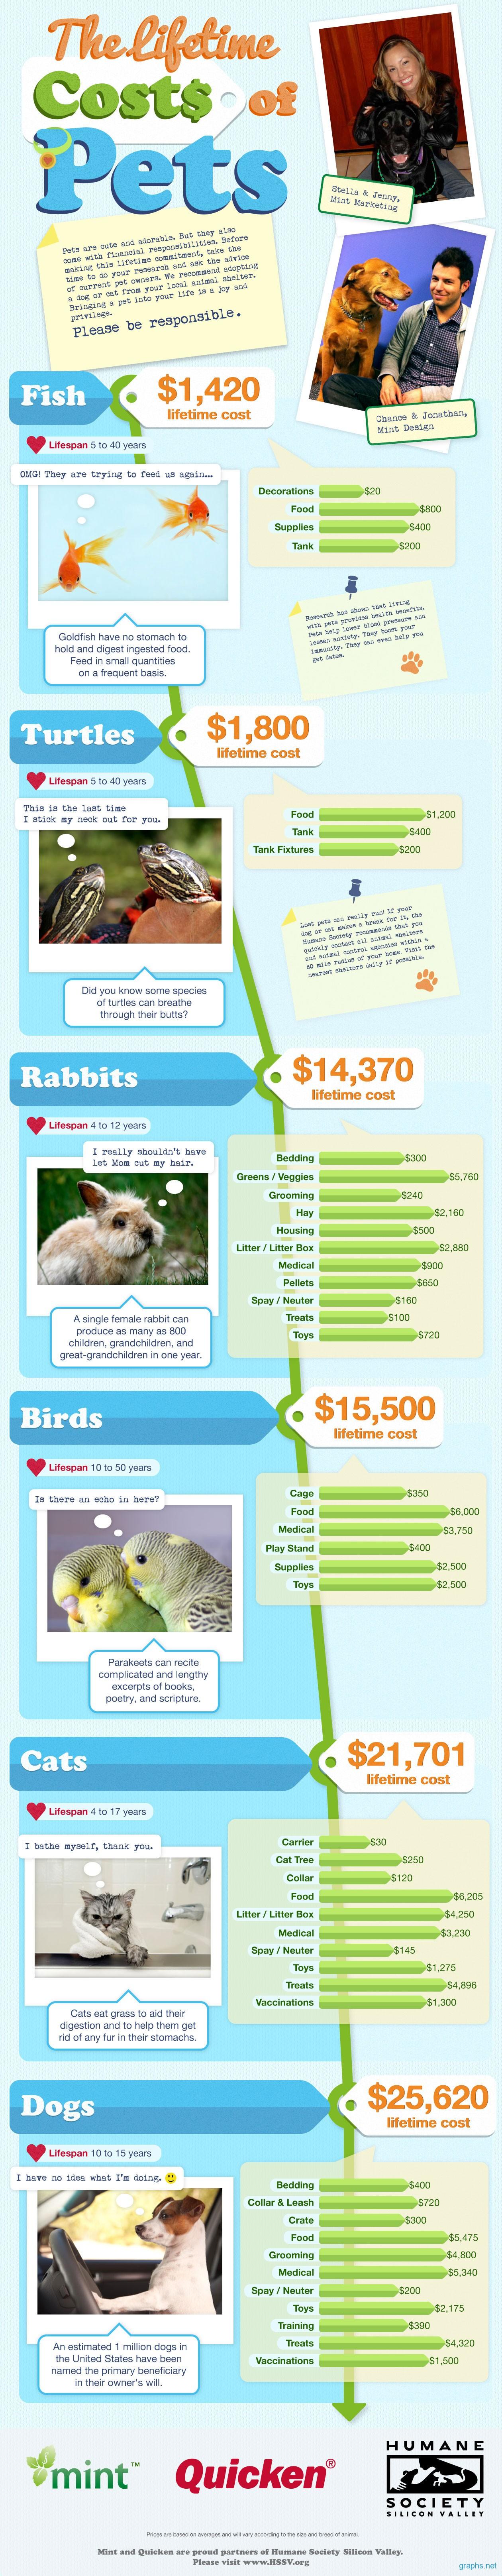 cost of pets statistics